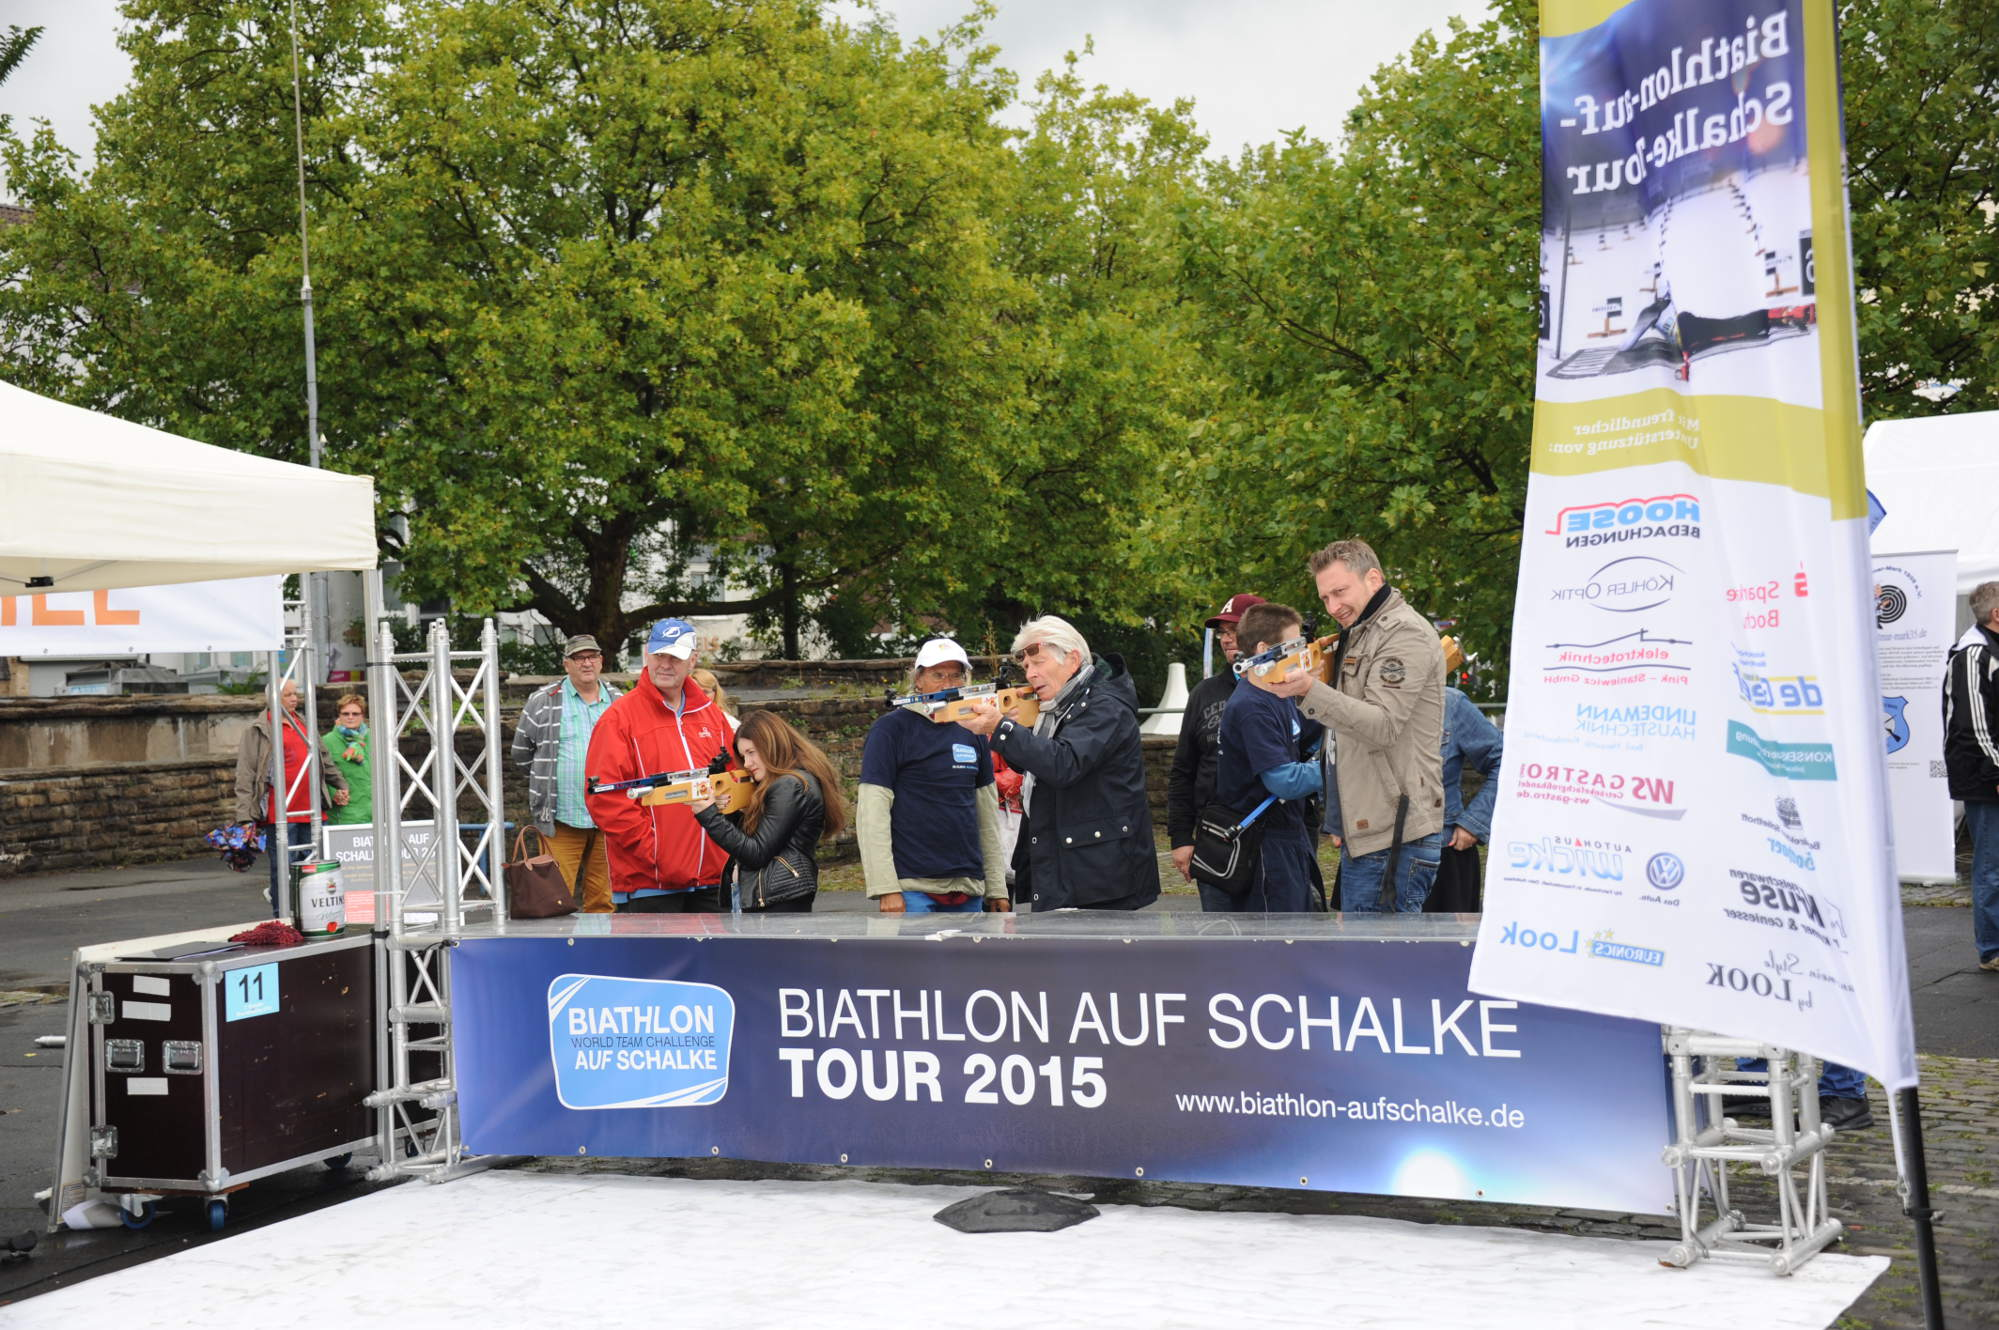 Einige Sponsoren fand die Werbegemeinschaft Bochum-Linden, um zu ihrem Stadtfest, Lindener Meile, die Biathlon auf Schalke-Tour als Mitmachevent für Alle in den sympathischen Stadtteil zu holen. Vom 7-jährigen F-Jugendfußballer bis zur 80-jährigen Biathlonexpertin, die seit rund 30 Jahren die Weltelite auf der Weltcuptour in Antholz, Ruhpolding, Oberhof und natürlich auf Schalke besucht, konnten wir  wieder ganz unterschiedliche Mitmacher begrüßen.